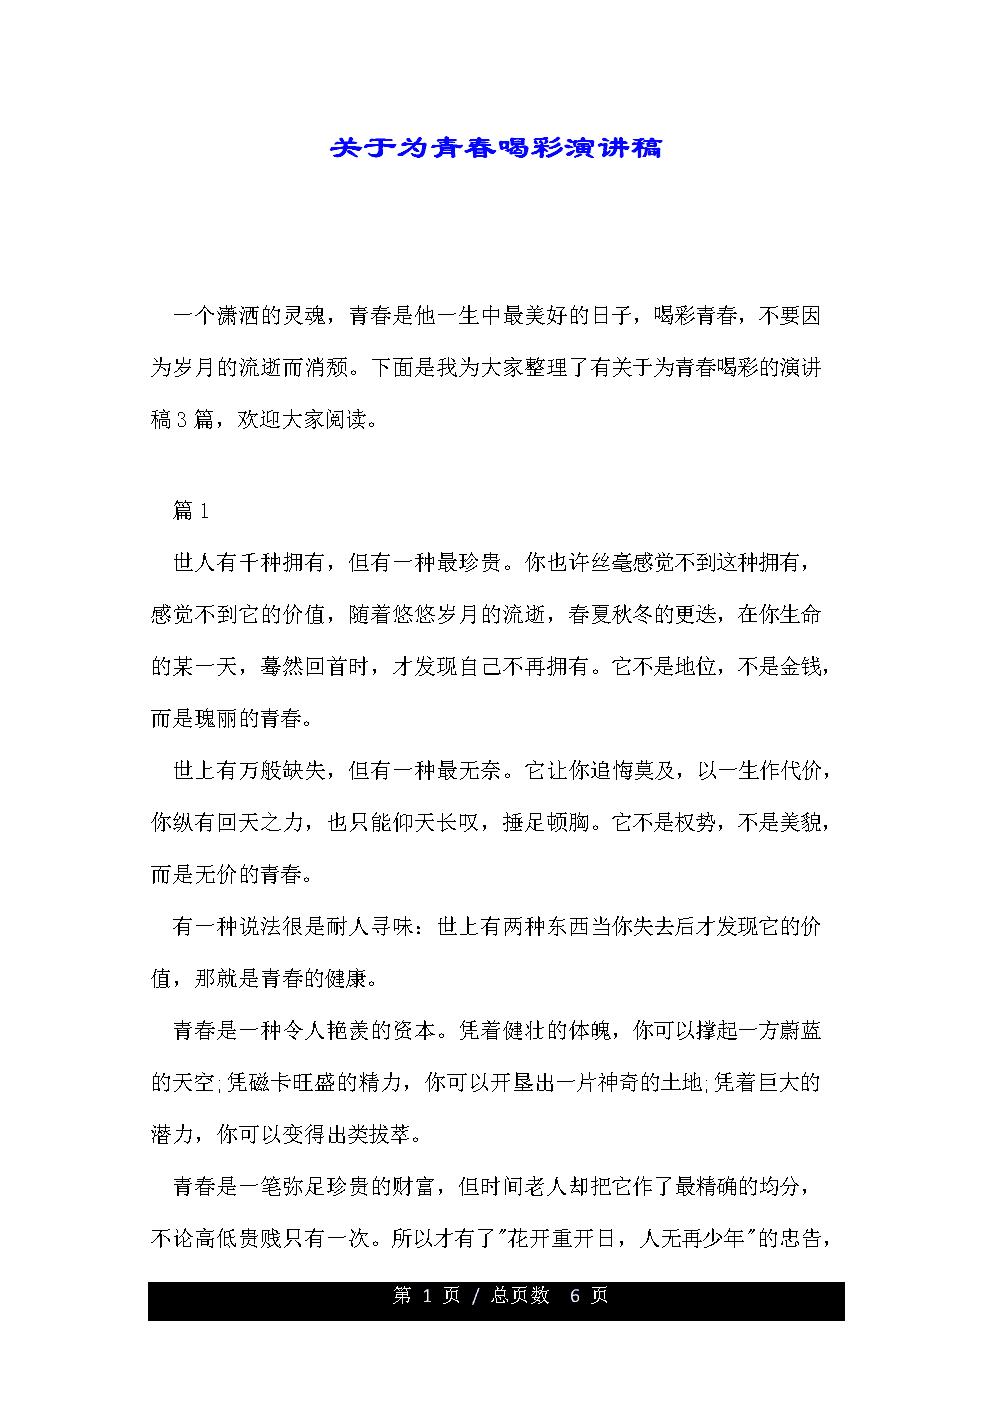 关于为青春喝彩演讲稿.doc